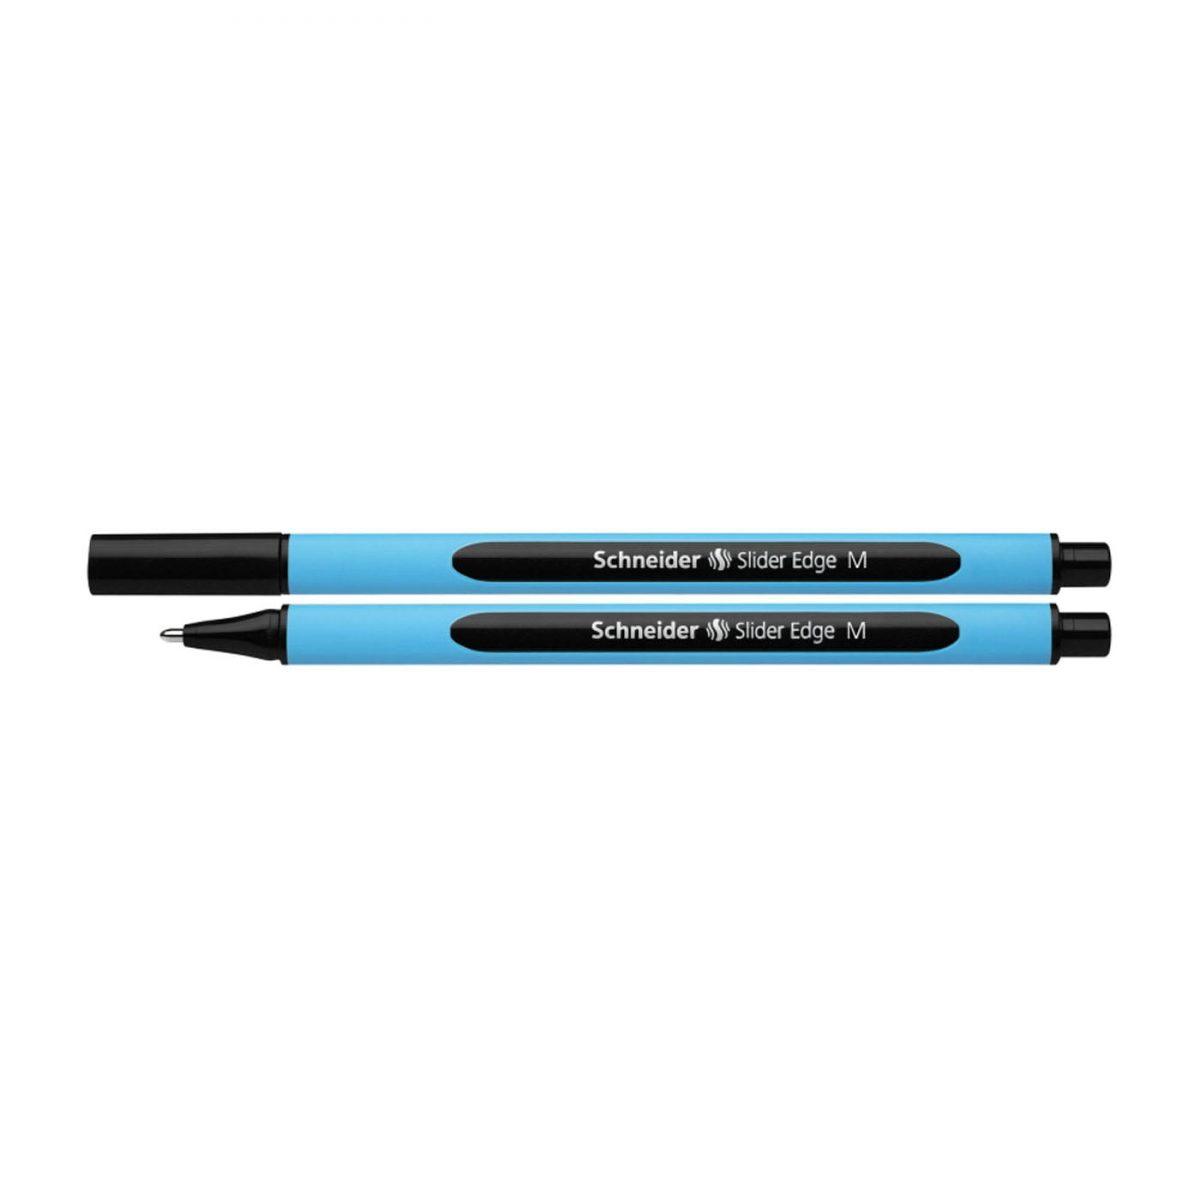 Pix SCHNEIDER Slider Edge M, rubber grip, varf mediu - scriere neagra